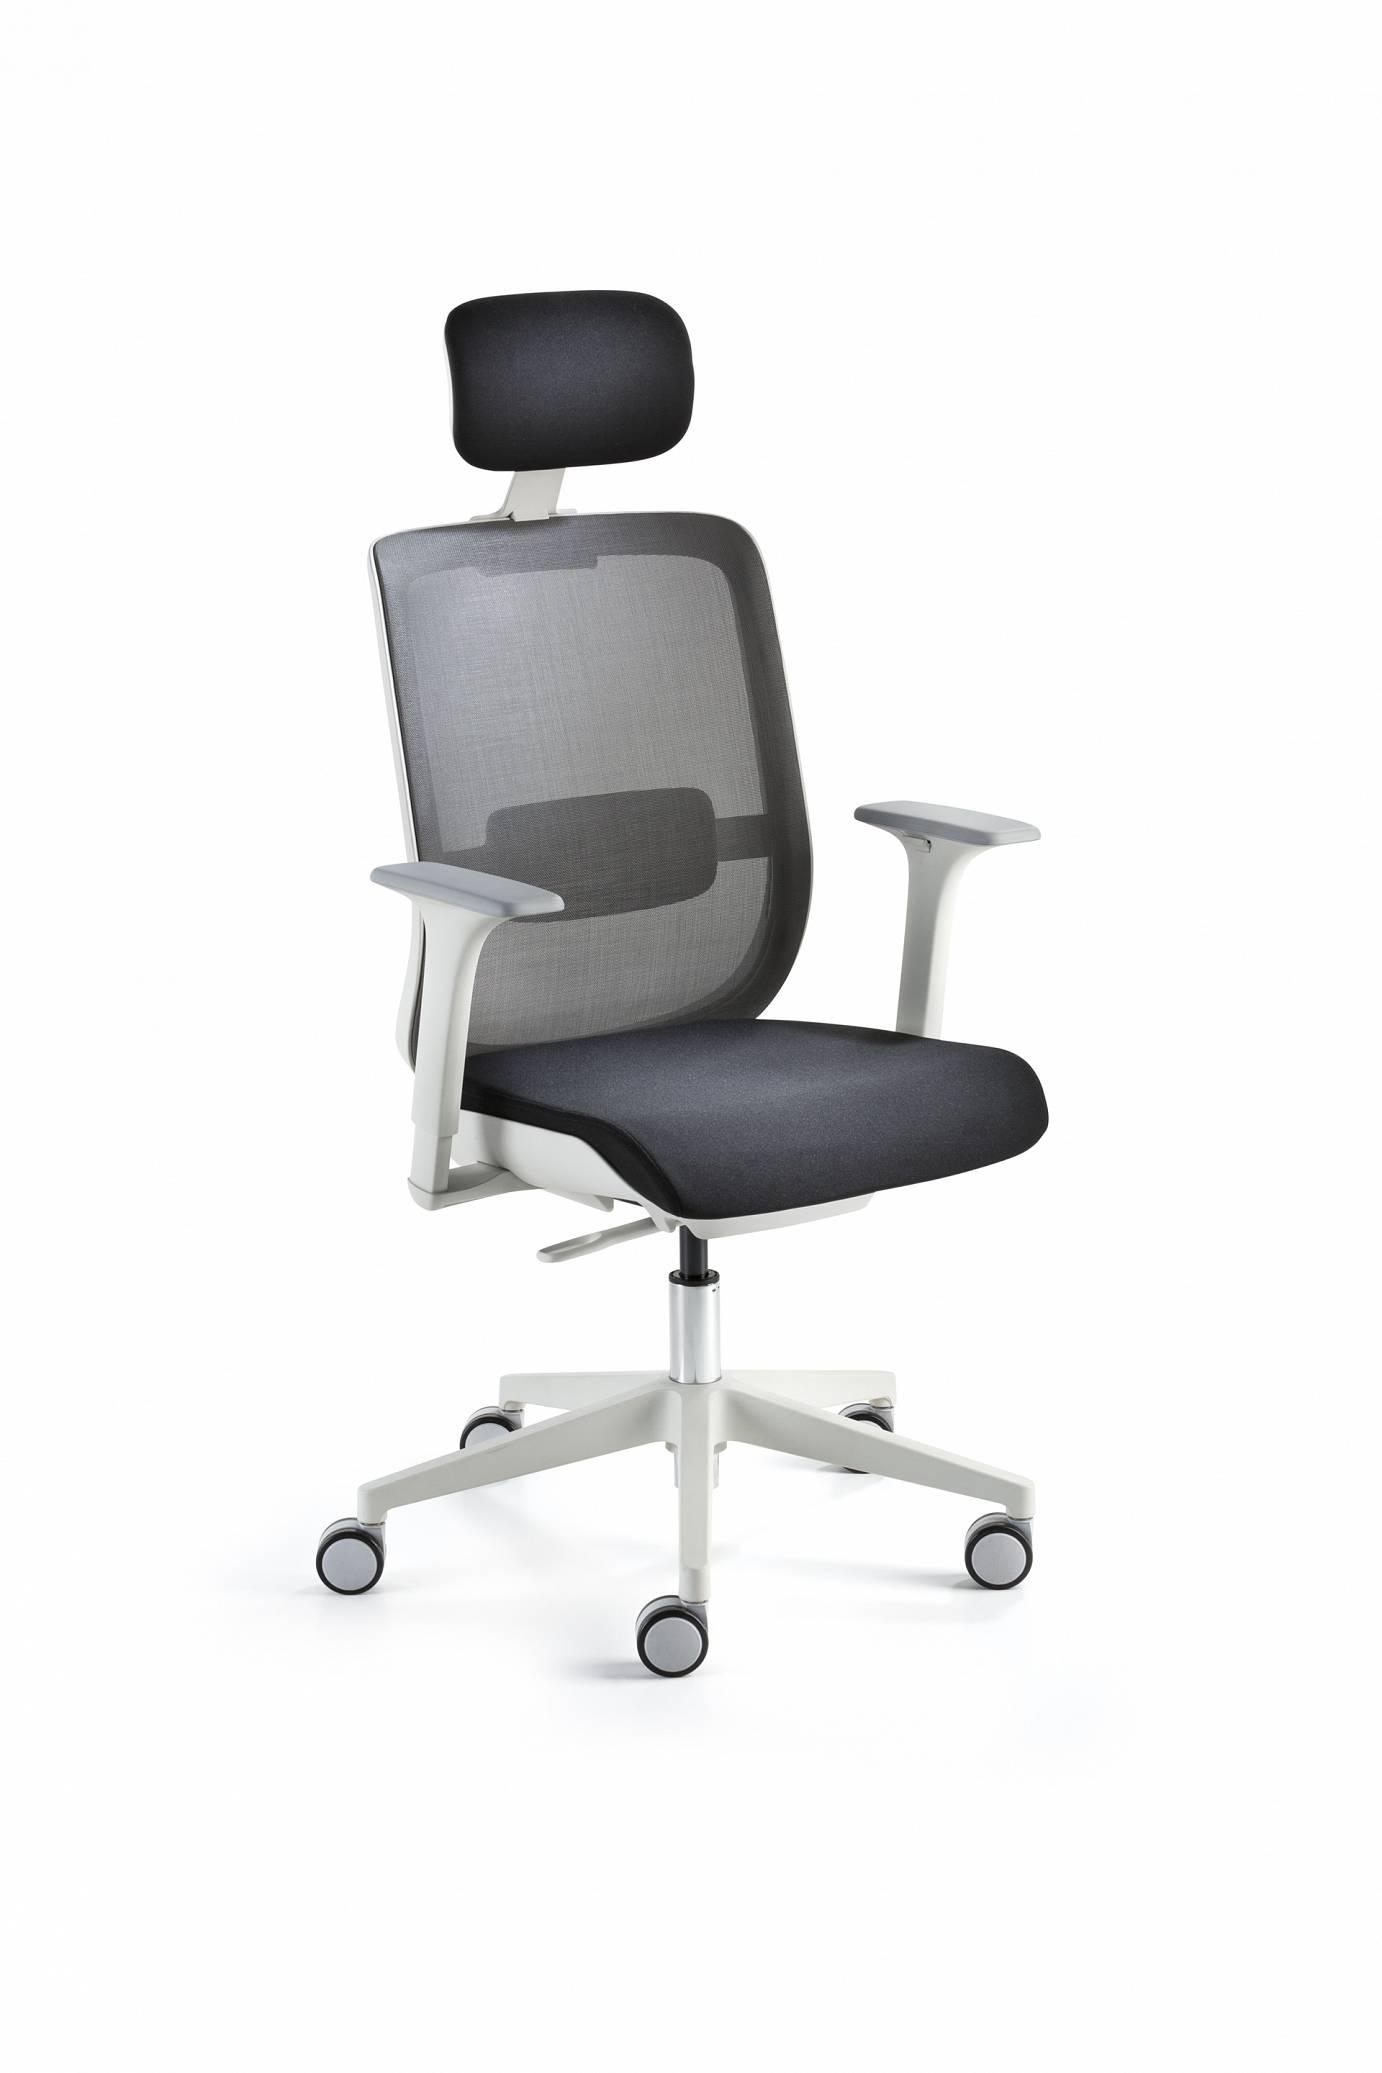 Sedia per ragazzi my 2385 con poggiatesta spaziojunior store - Ergonomia sedia ...